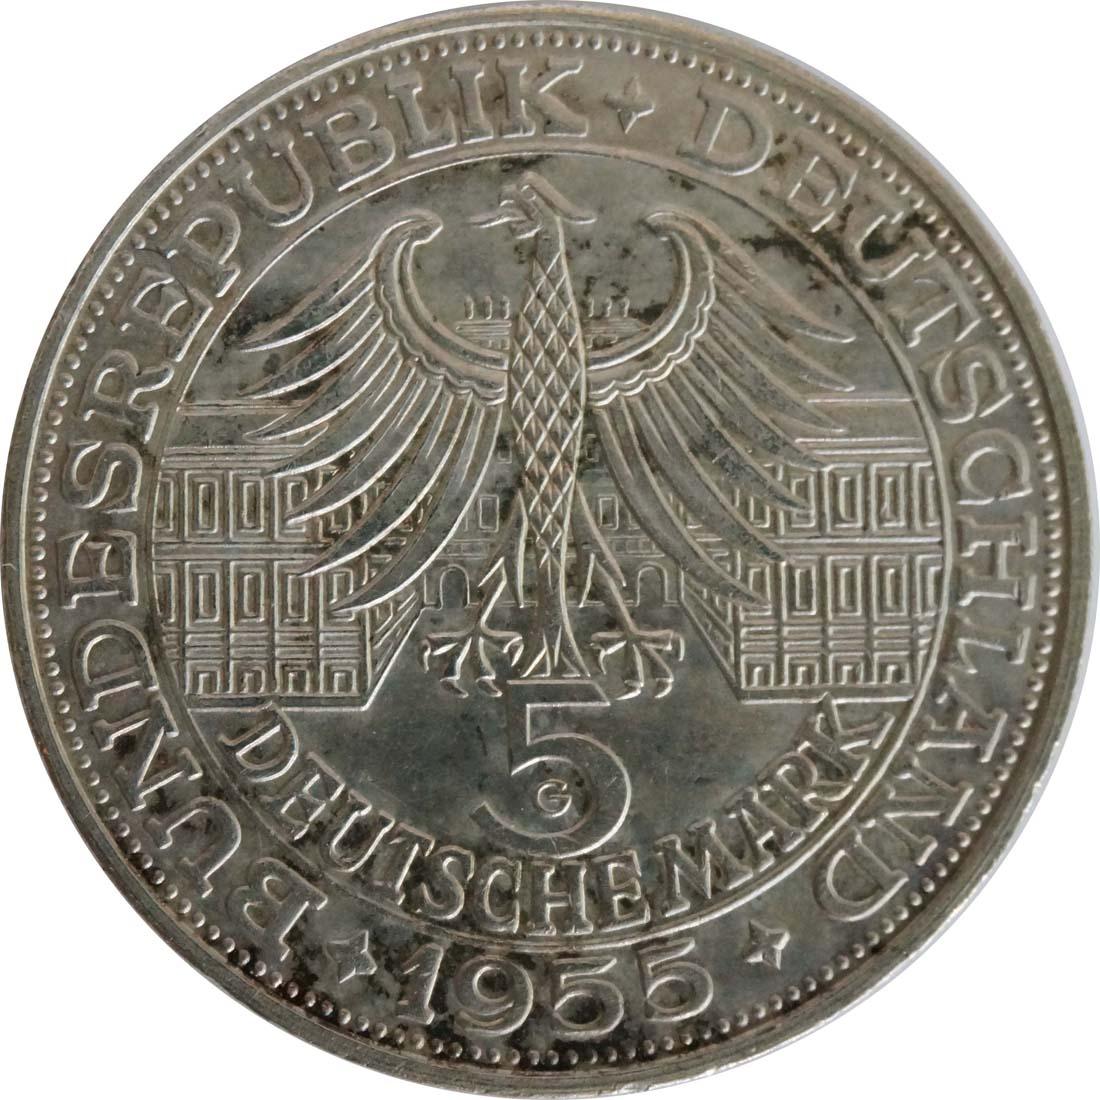 Rückseite:Deutschland : 5 DM Markgraf von Baden winz. Kratzer, patina 1955 vz.